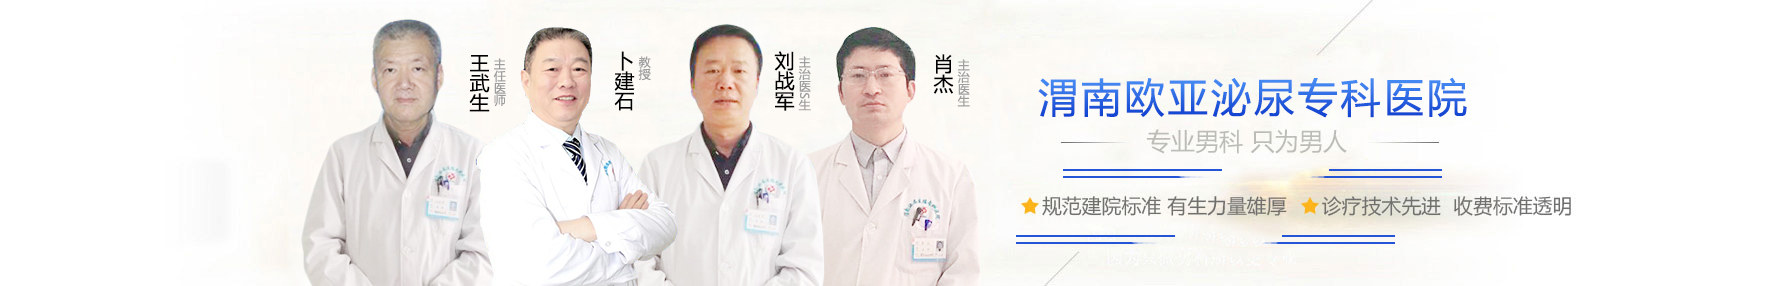 渭南男科医院